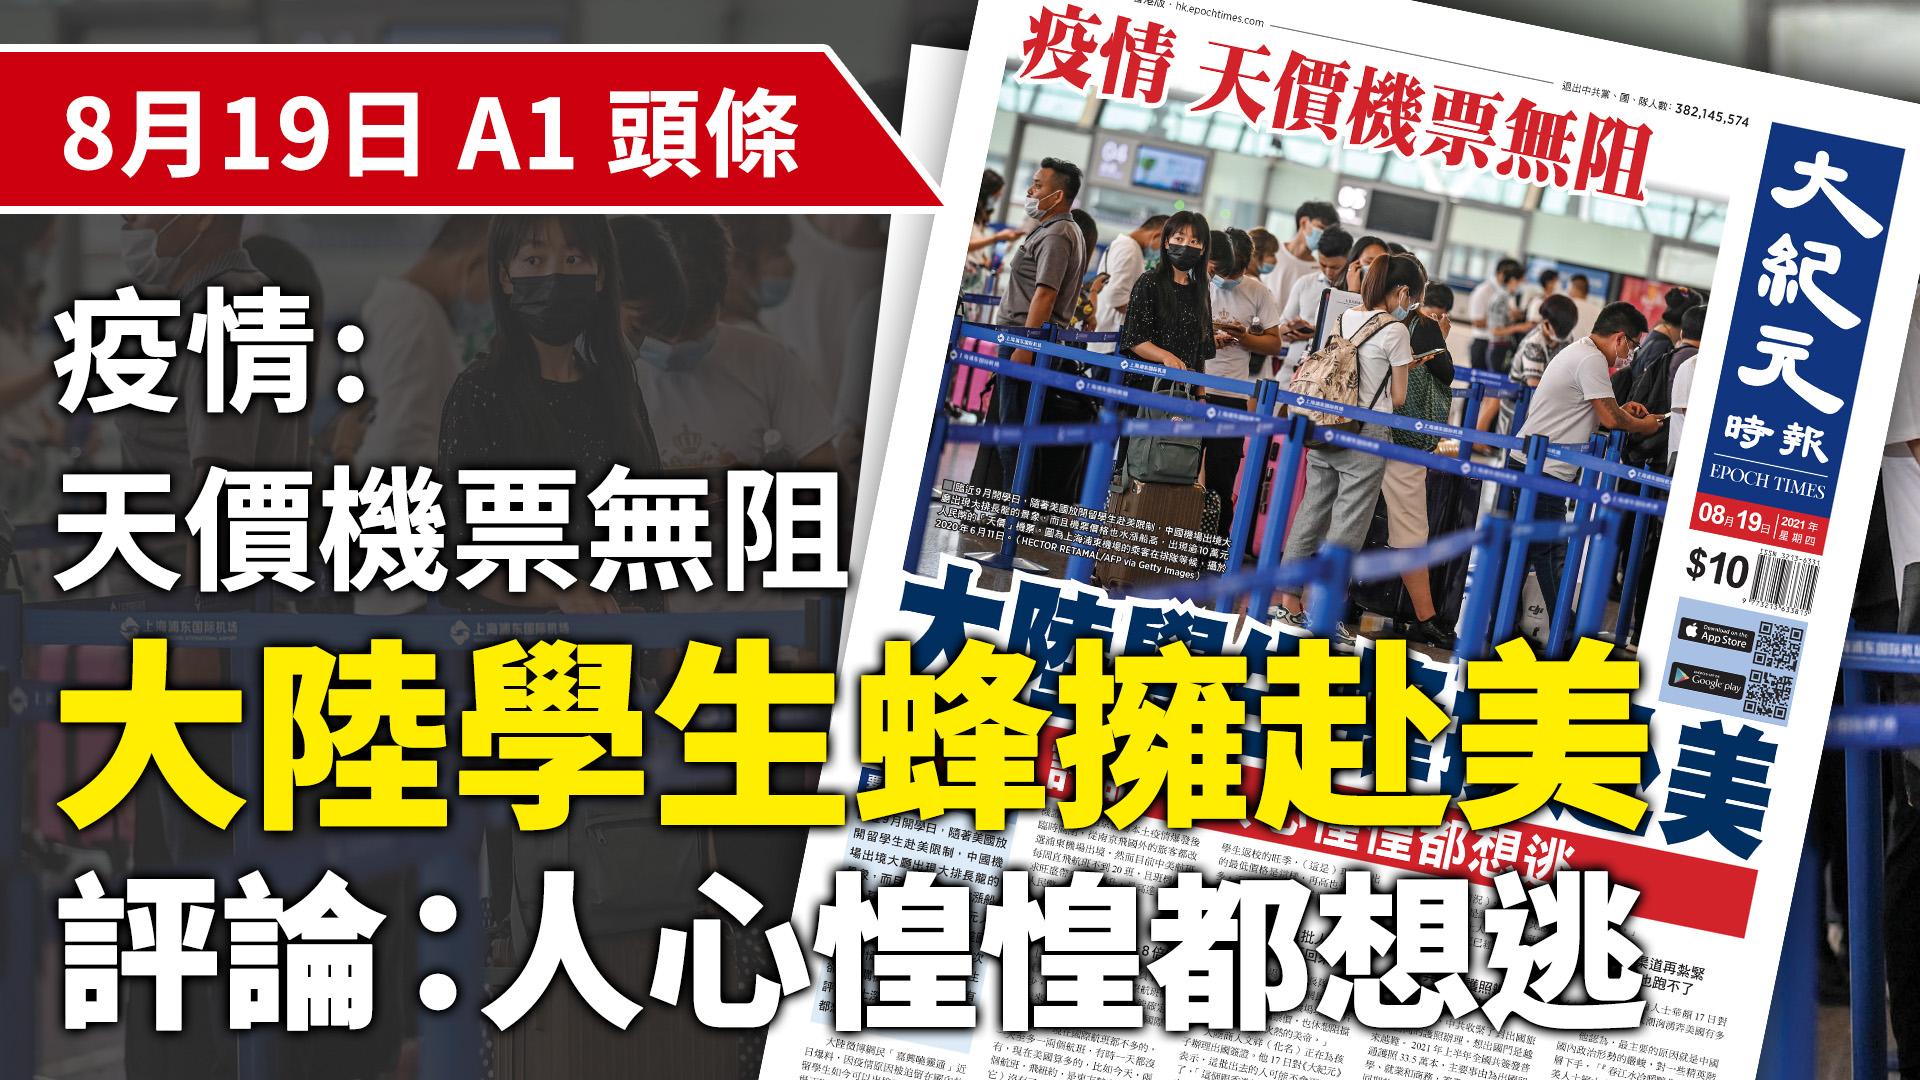 臨近9月開學日,隨著美國放開留學生赴美限制,中國機場出境大廳出現大排長龍的景象,而且機票價格也水漲船高,出現逾10萬元人民幣的「天價」機票。圖為上海浦東機場的乘客在排隊等候,攝於2020年6月11日。(HECTOR RETAMAL/AFP via Getty Images)